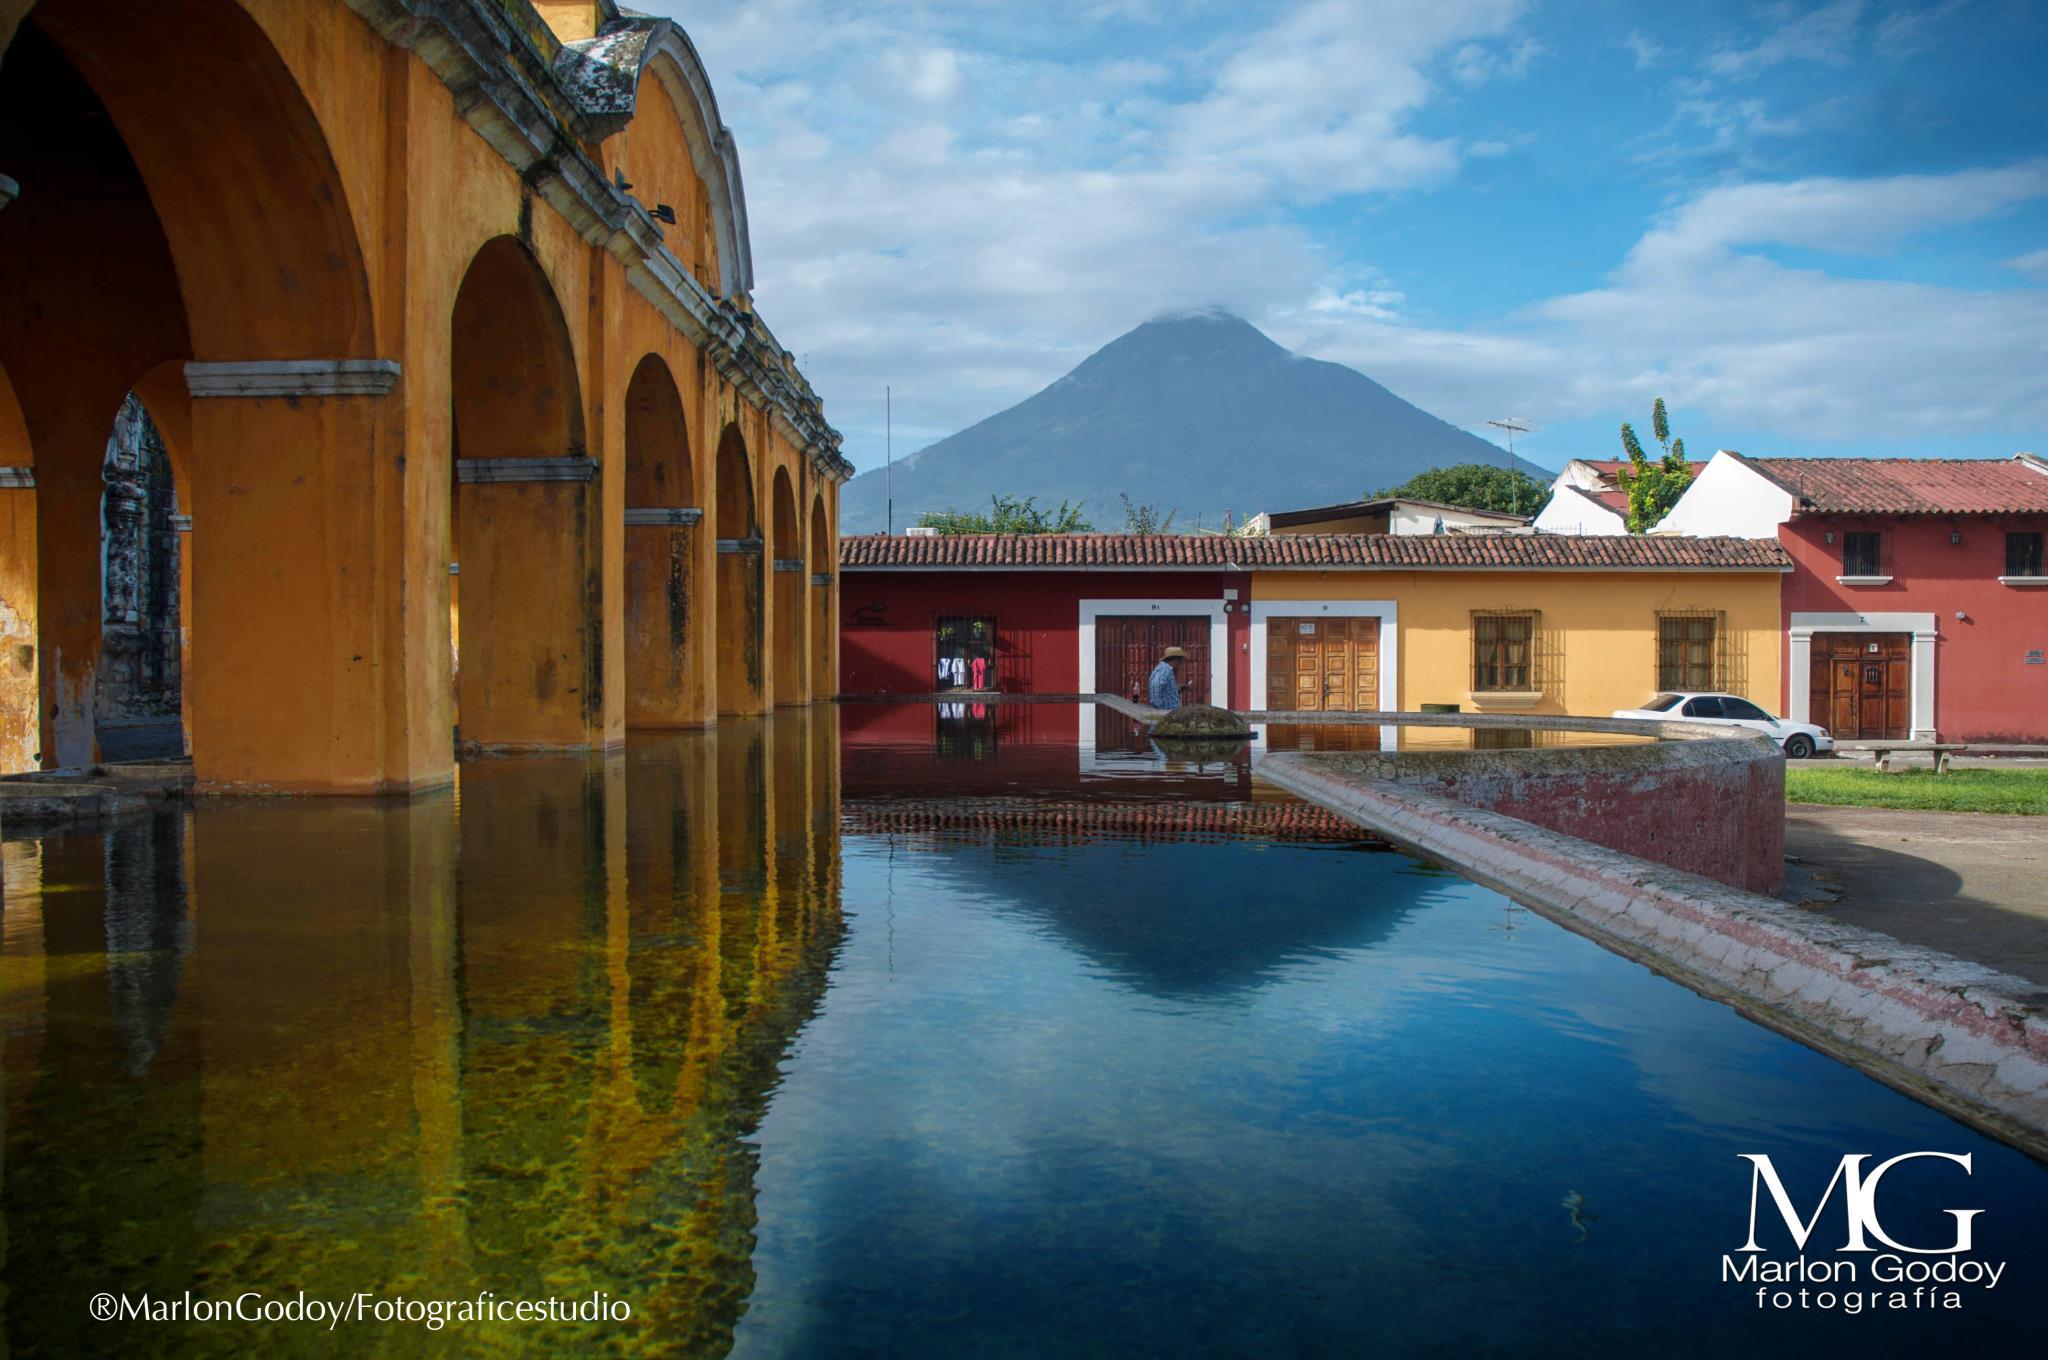 Antigua tanque la Union foto por Marlon Godoy - El Tanque la Unión, La Antigua Guatemala